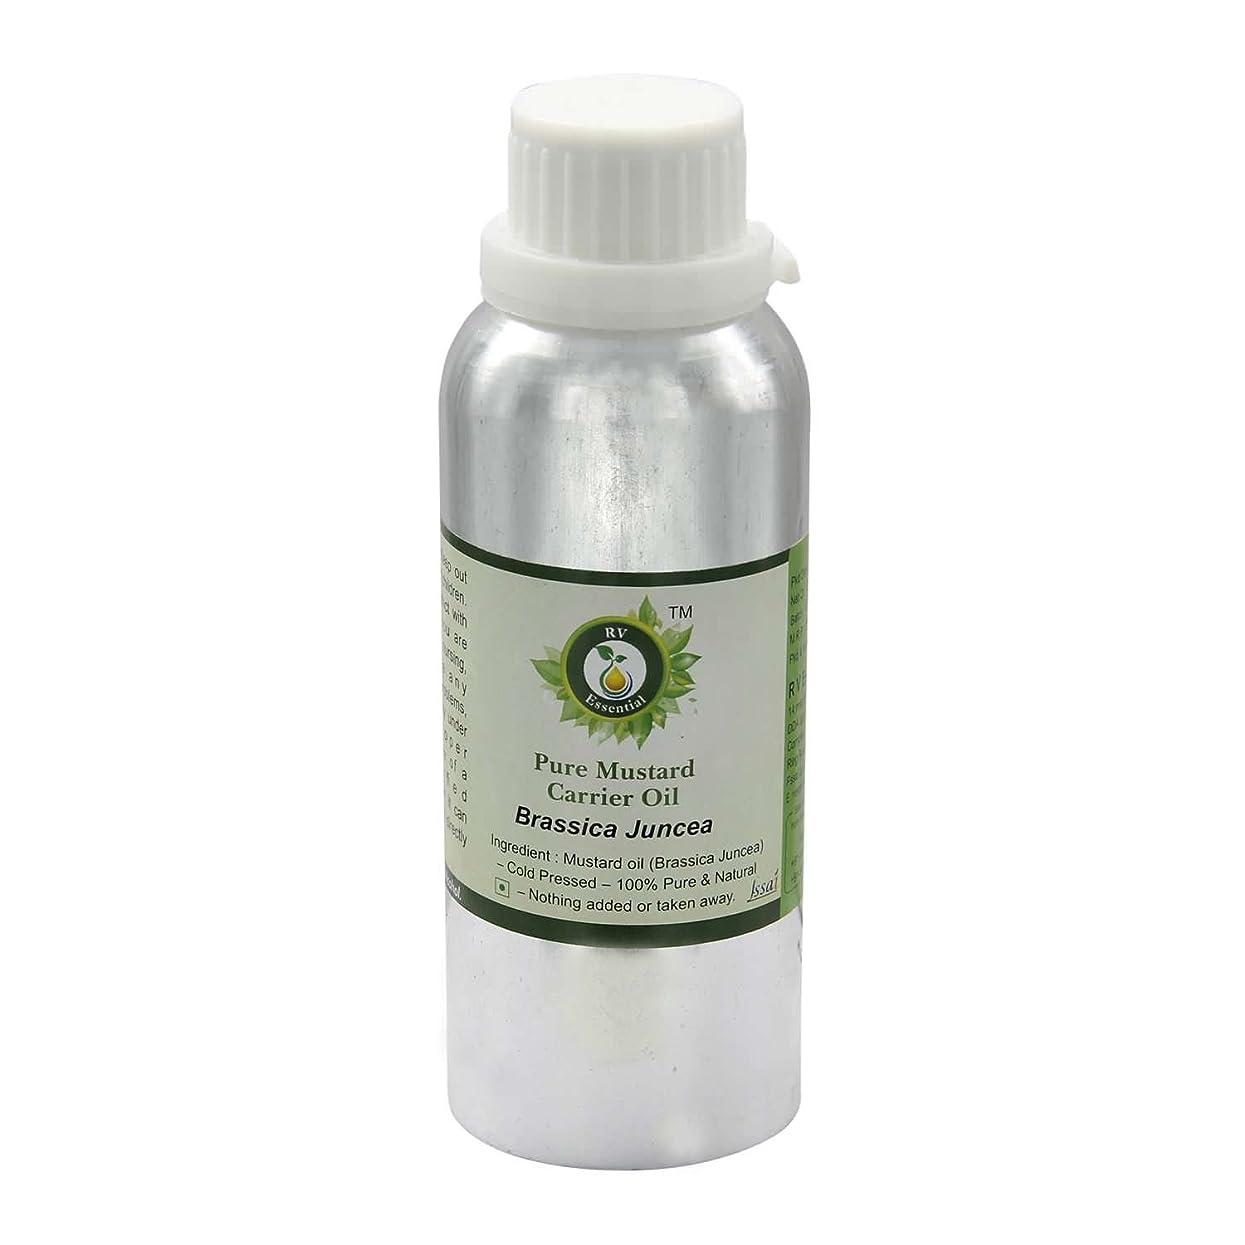 テロリスト評議会誤解させるR V Essential 純粋なマスタードキャリアオイル300ml (10oz)- Brassica Juncea (100%ピュア&ナチュラルコールドPressed) Pure Mustard Carrier Oil